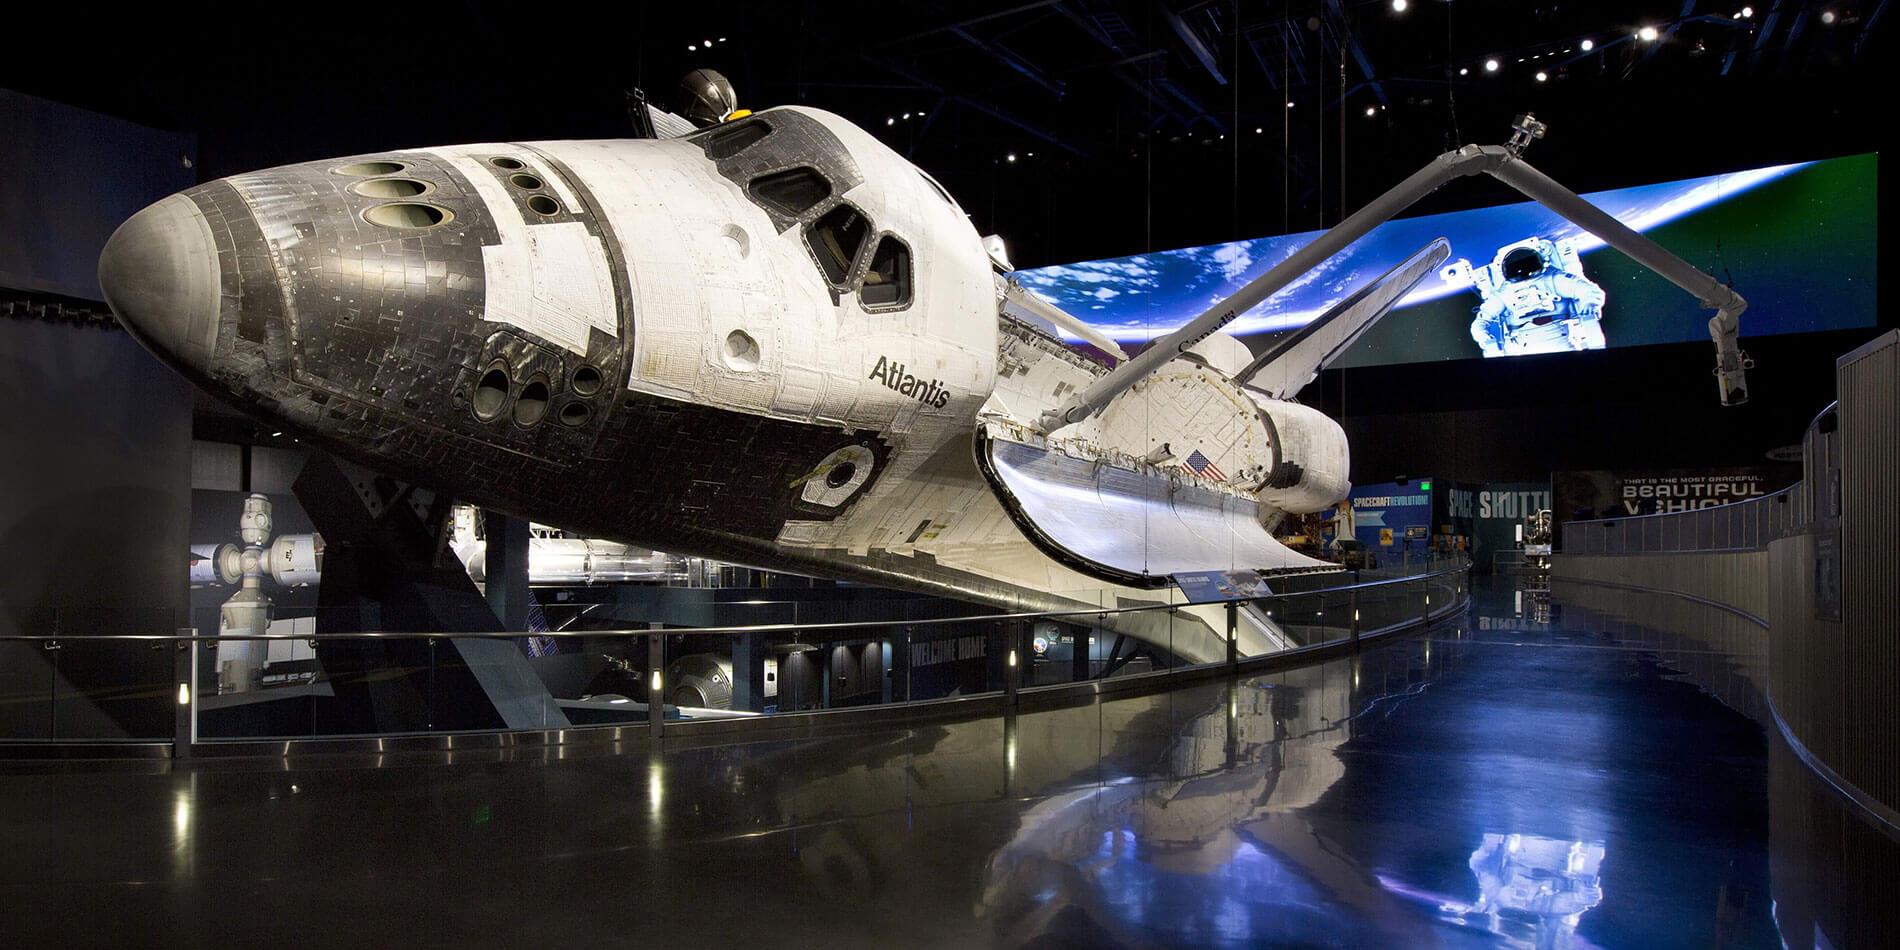 Atração Space Shuttle AtlantisnoKennedy Space Center Orlando